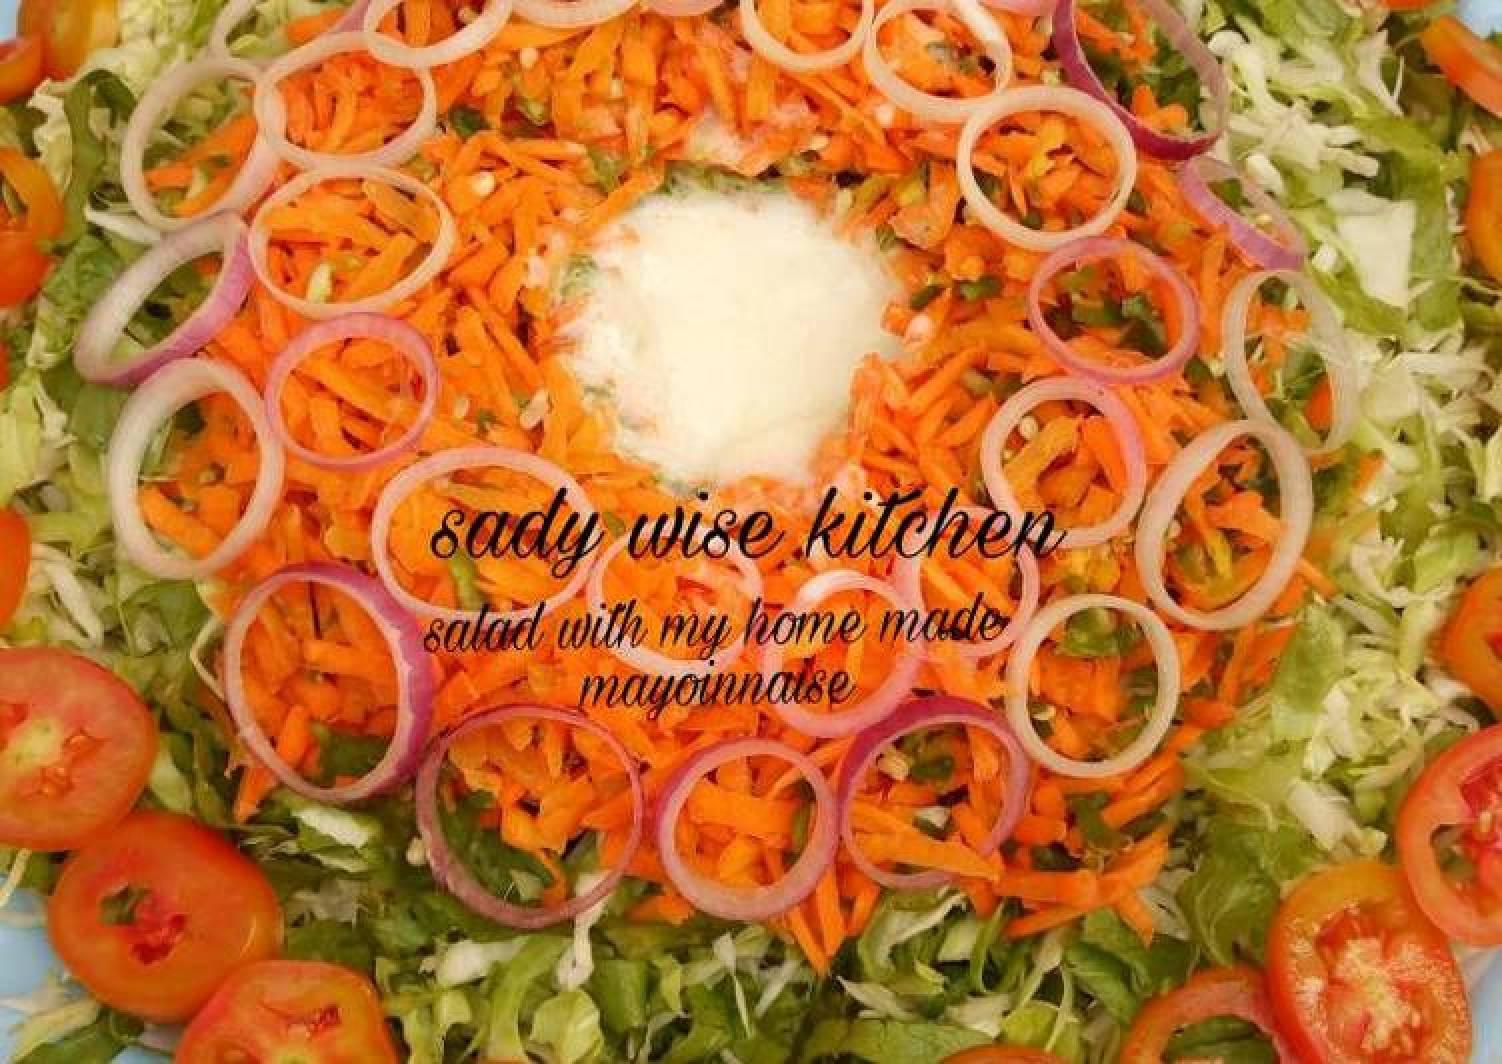 Lettuce & Cabbege